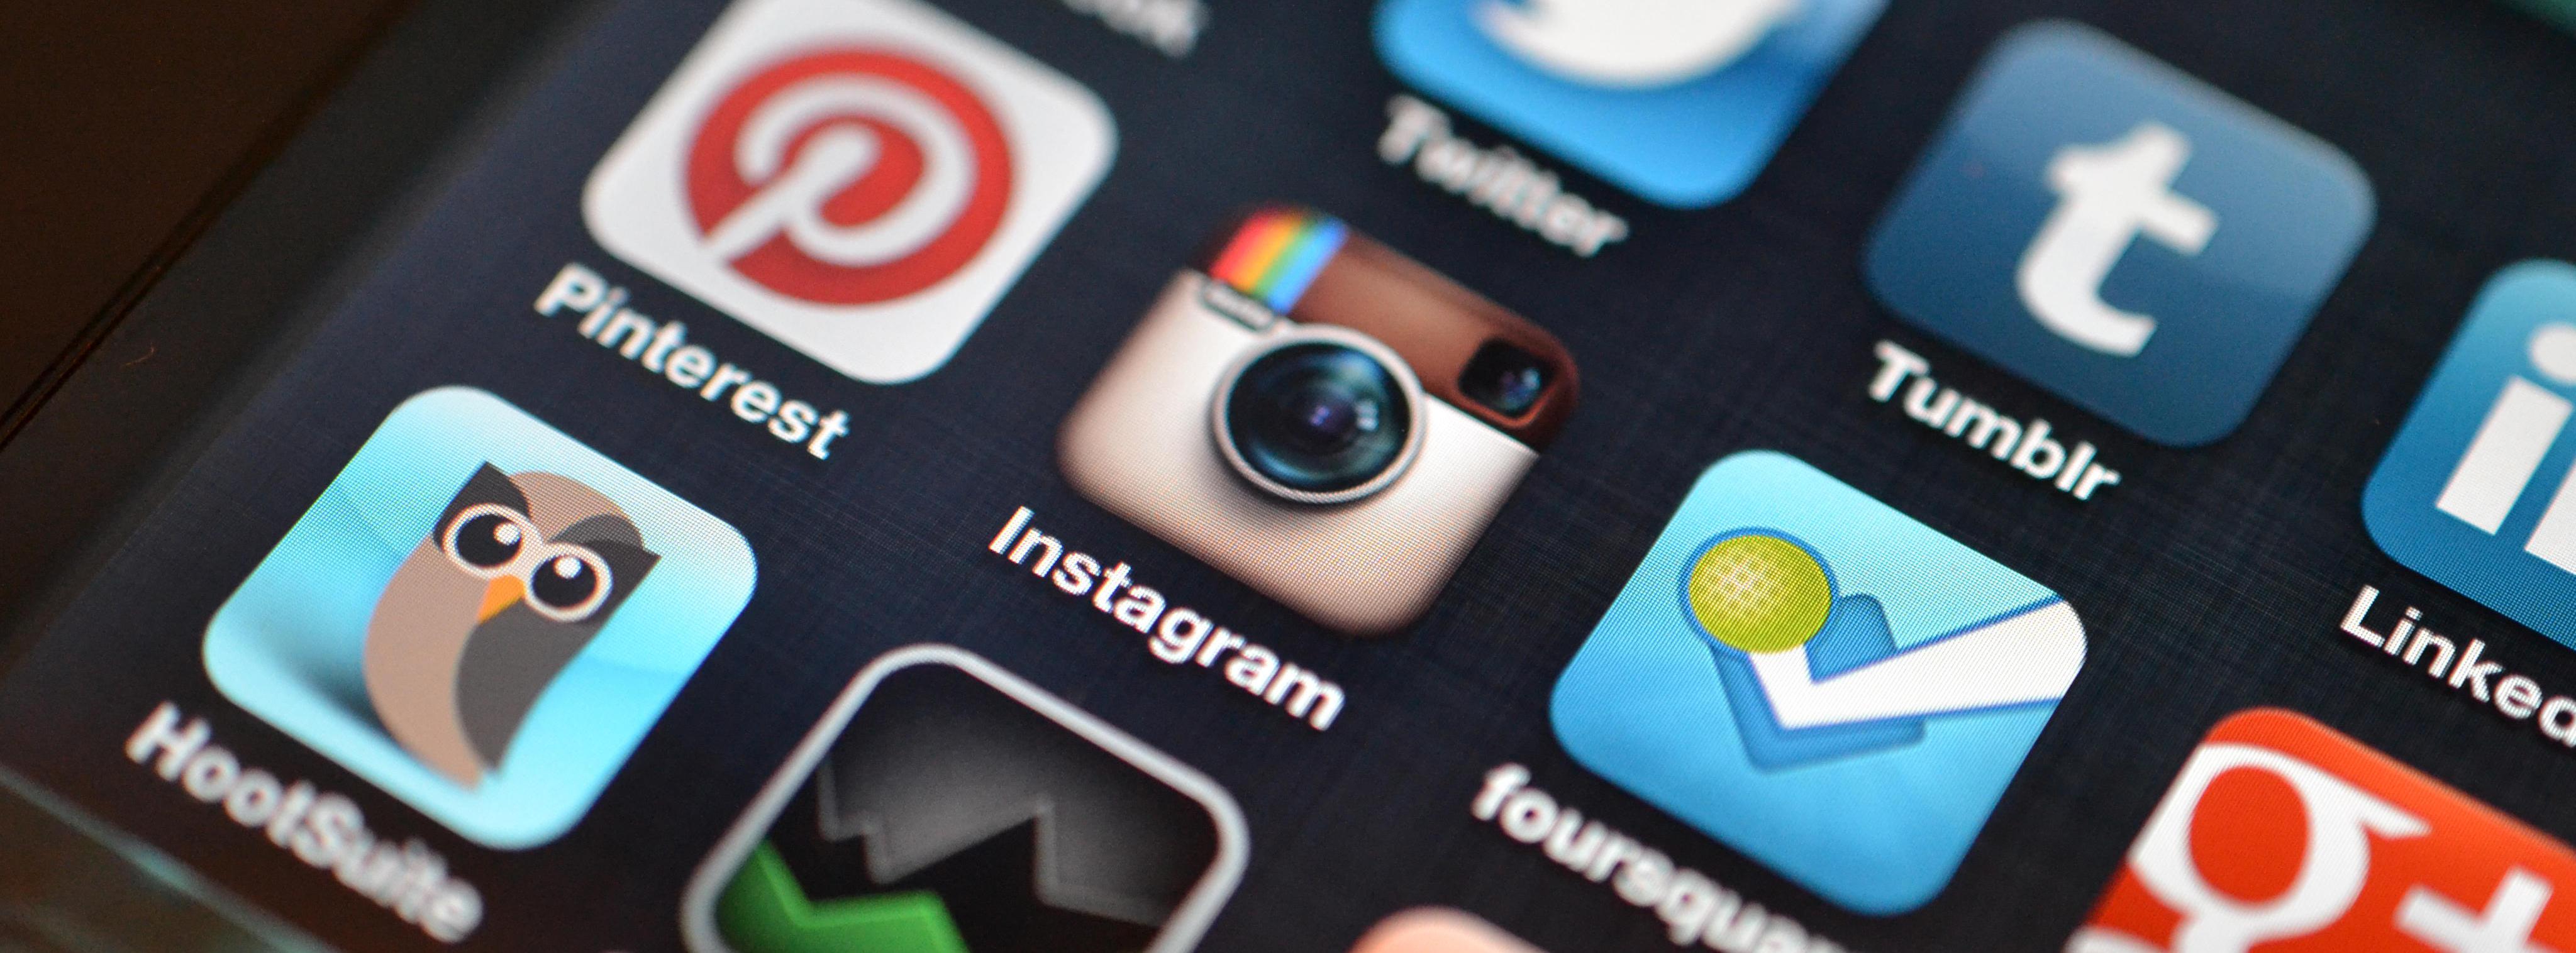 5 идей для издателей по взаимодействию в Instagram